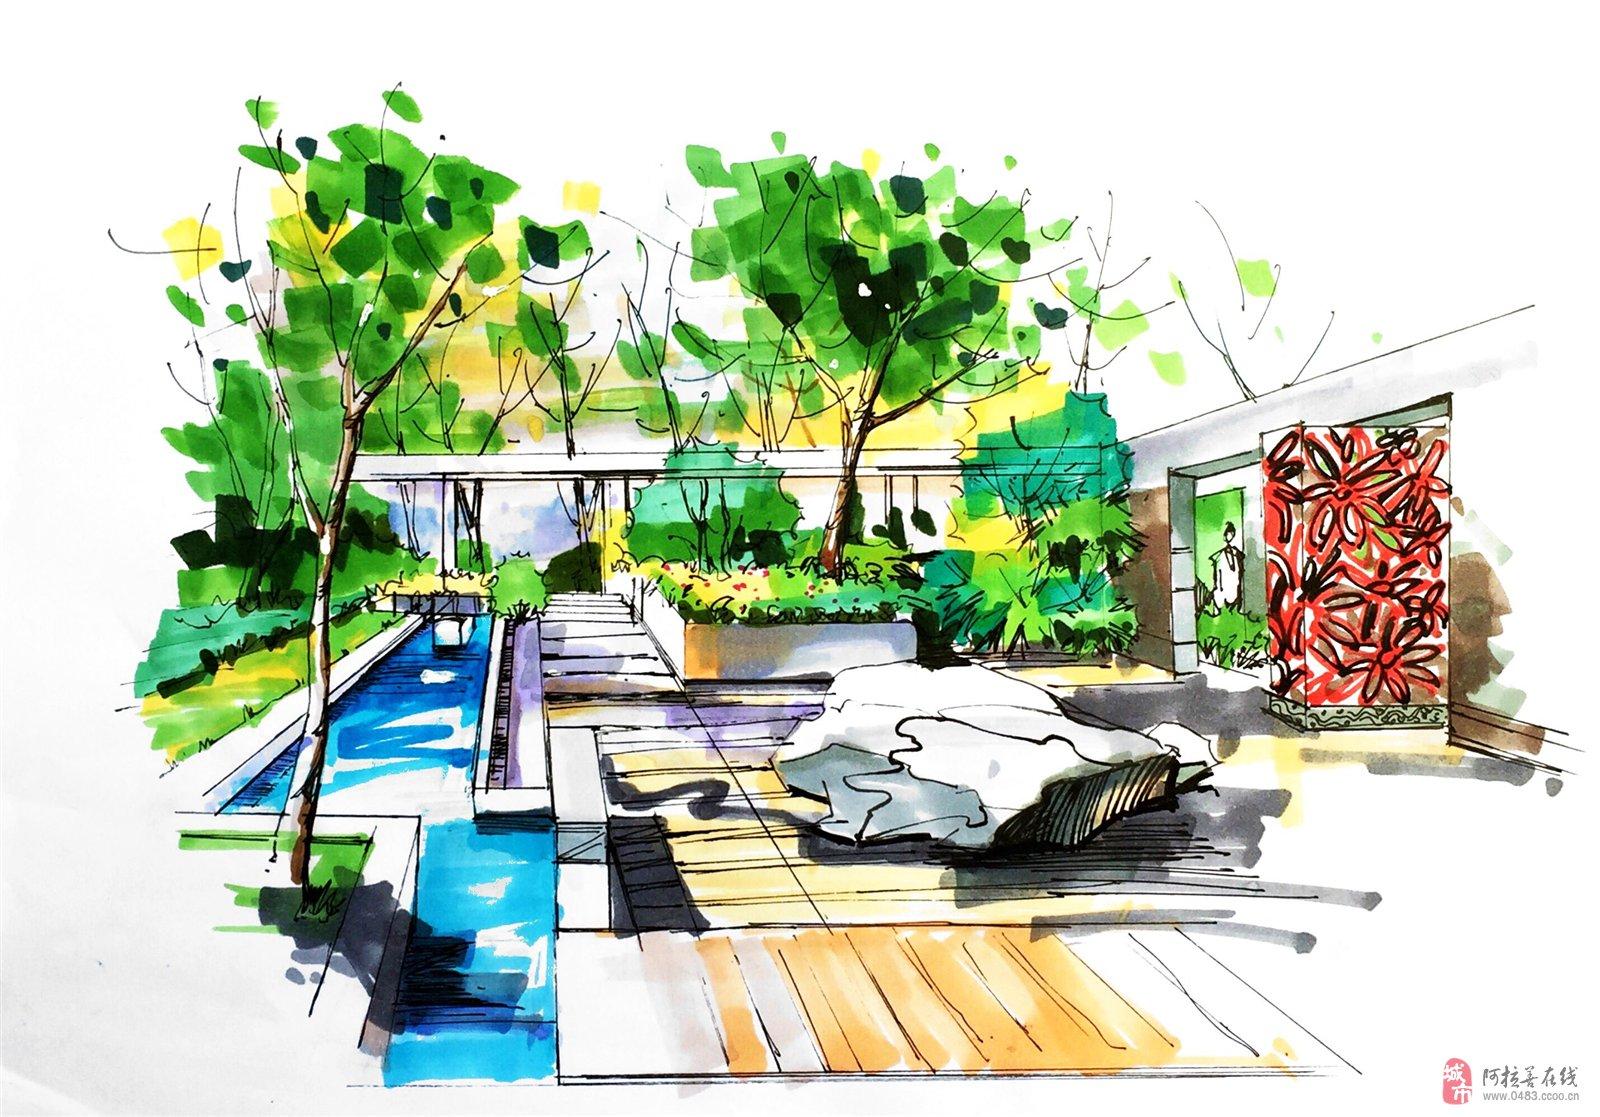 对室内设计和景观规划设计都有一定的学习了解,常用的制图软件有,ps